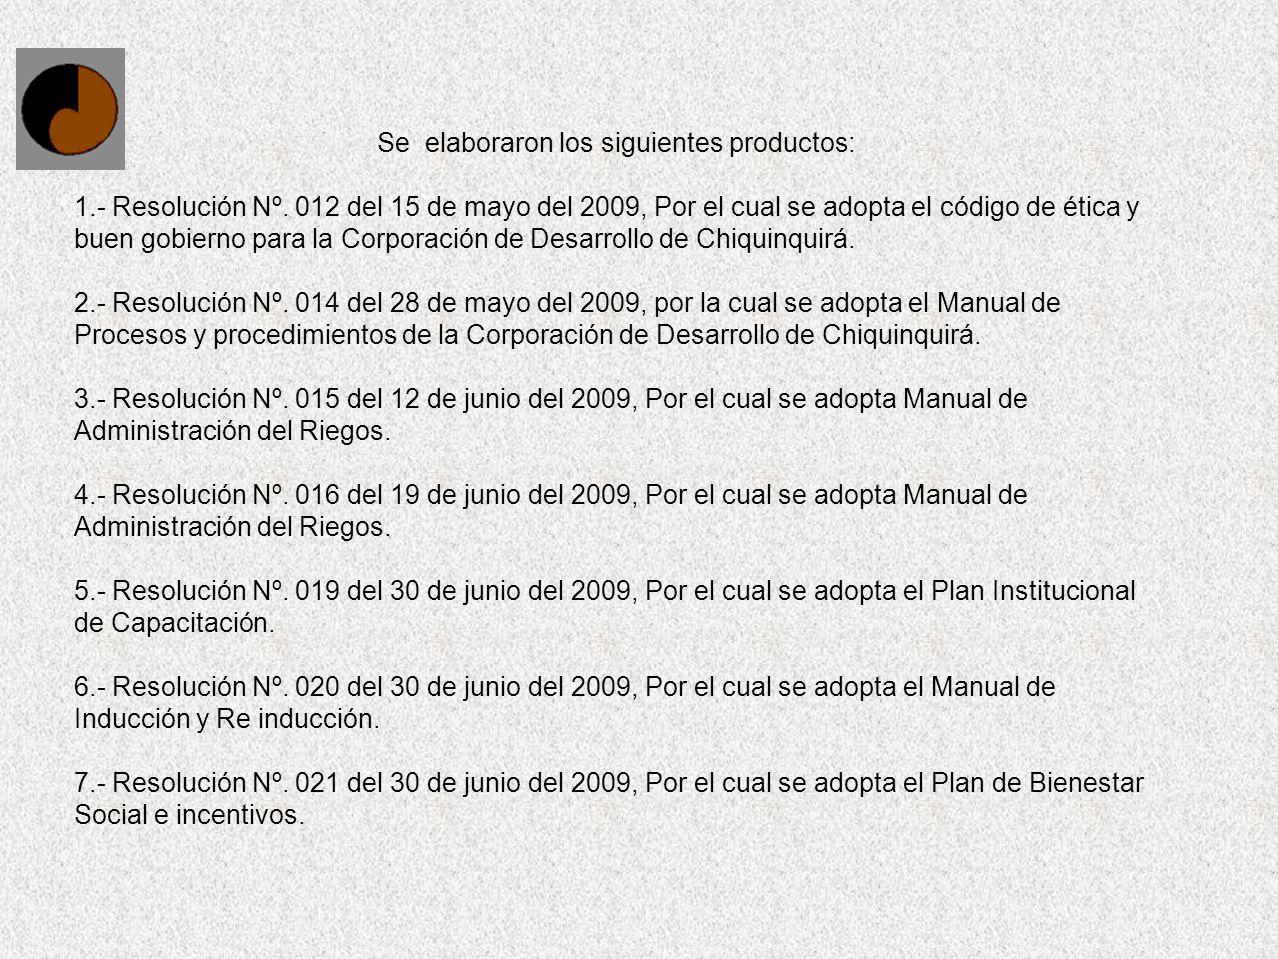 Se elaboraron los siguientes productos: 1.- Resolución Nº. 012 del 15 de mayo del 2009, Por el cual se adopta el código de ética y buen gobierno para